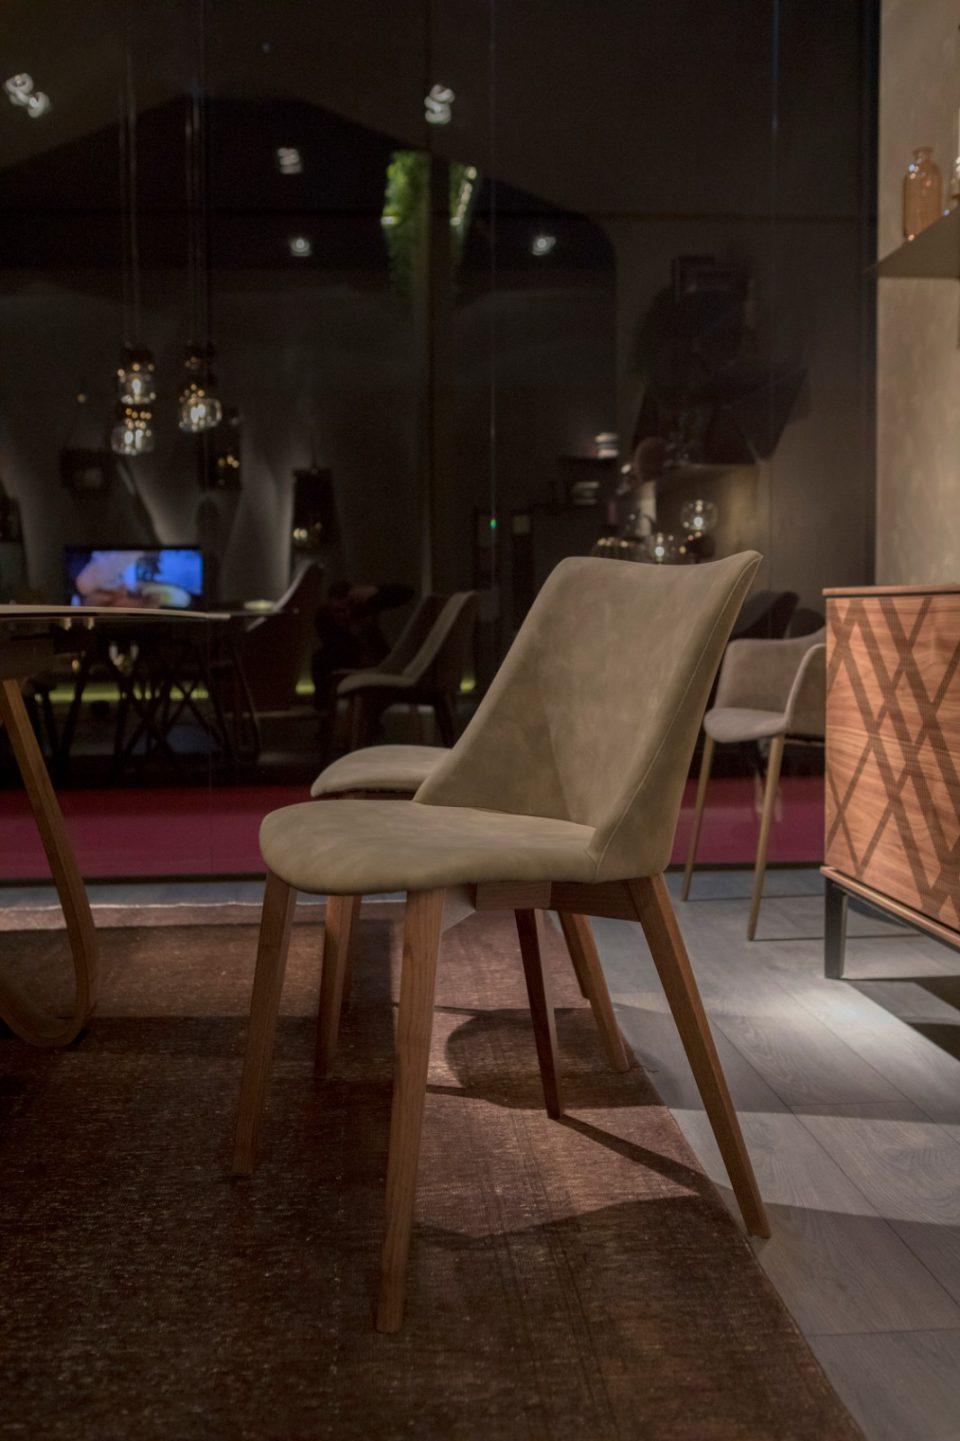 Novedades destacadas del Salón del Mueble de Milán 2019